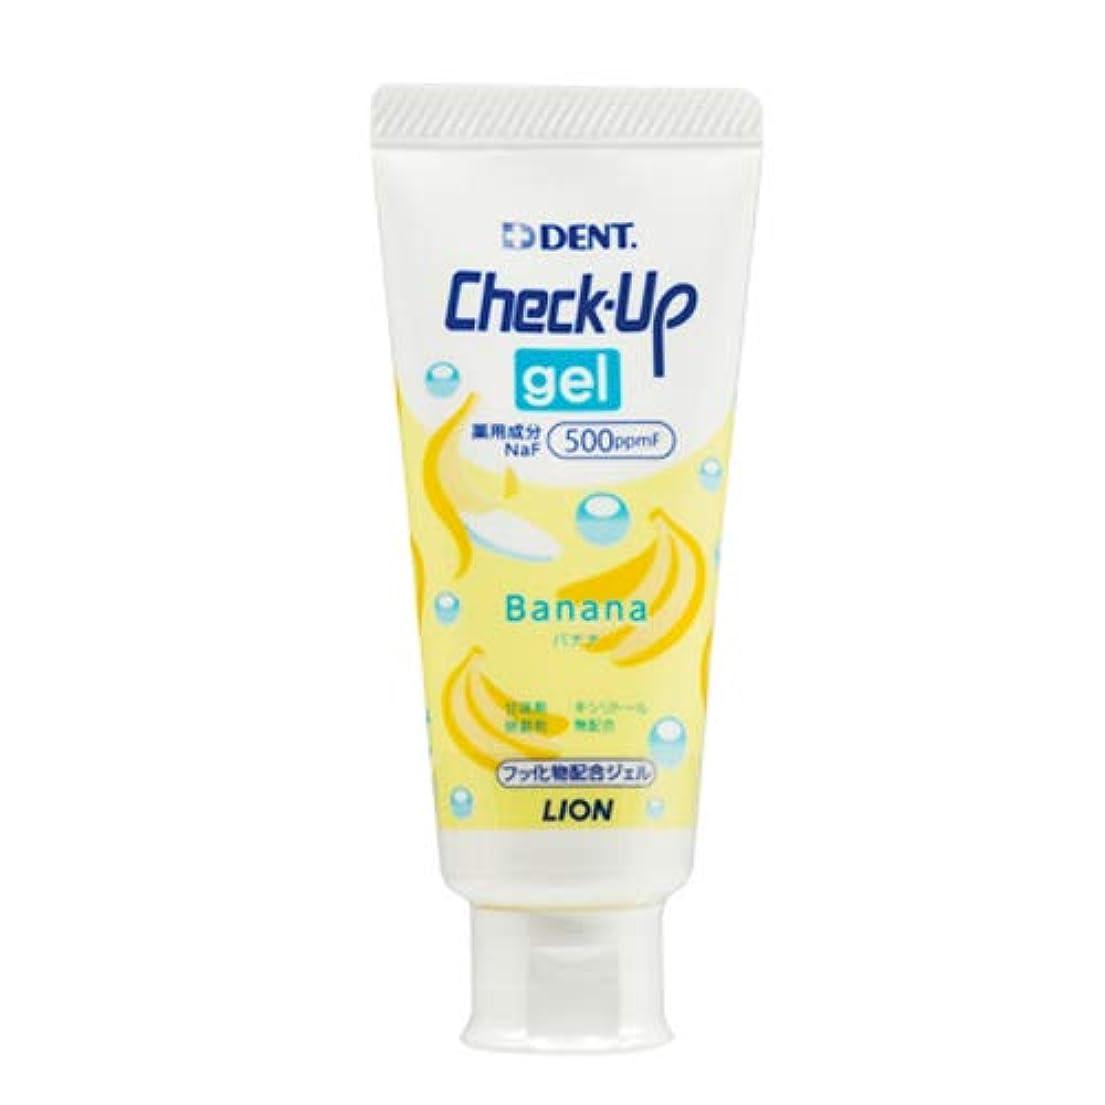 法律再生言う【Lion/ライオン】【歯科用】Check-Up gel 1本【歯磨き粉】バナナ 60g【対象:6歳未満の乳幼児】【チェックアップジェル】【医薬部外品】